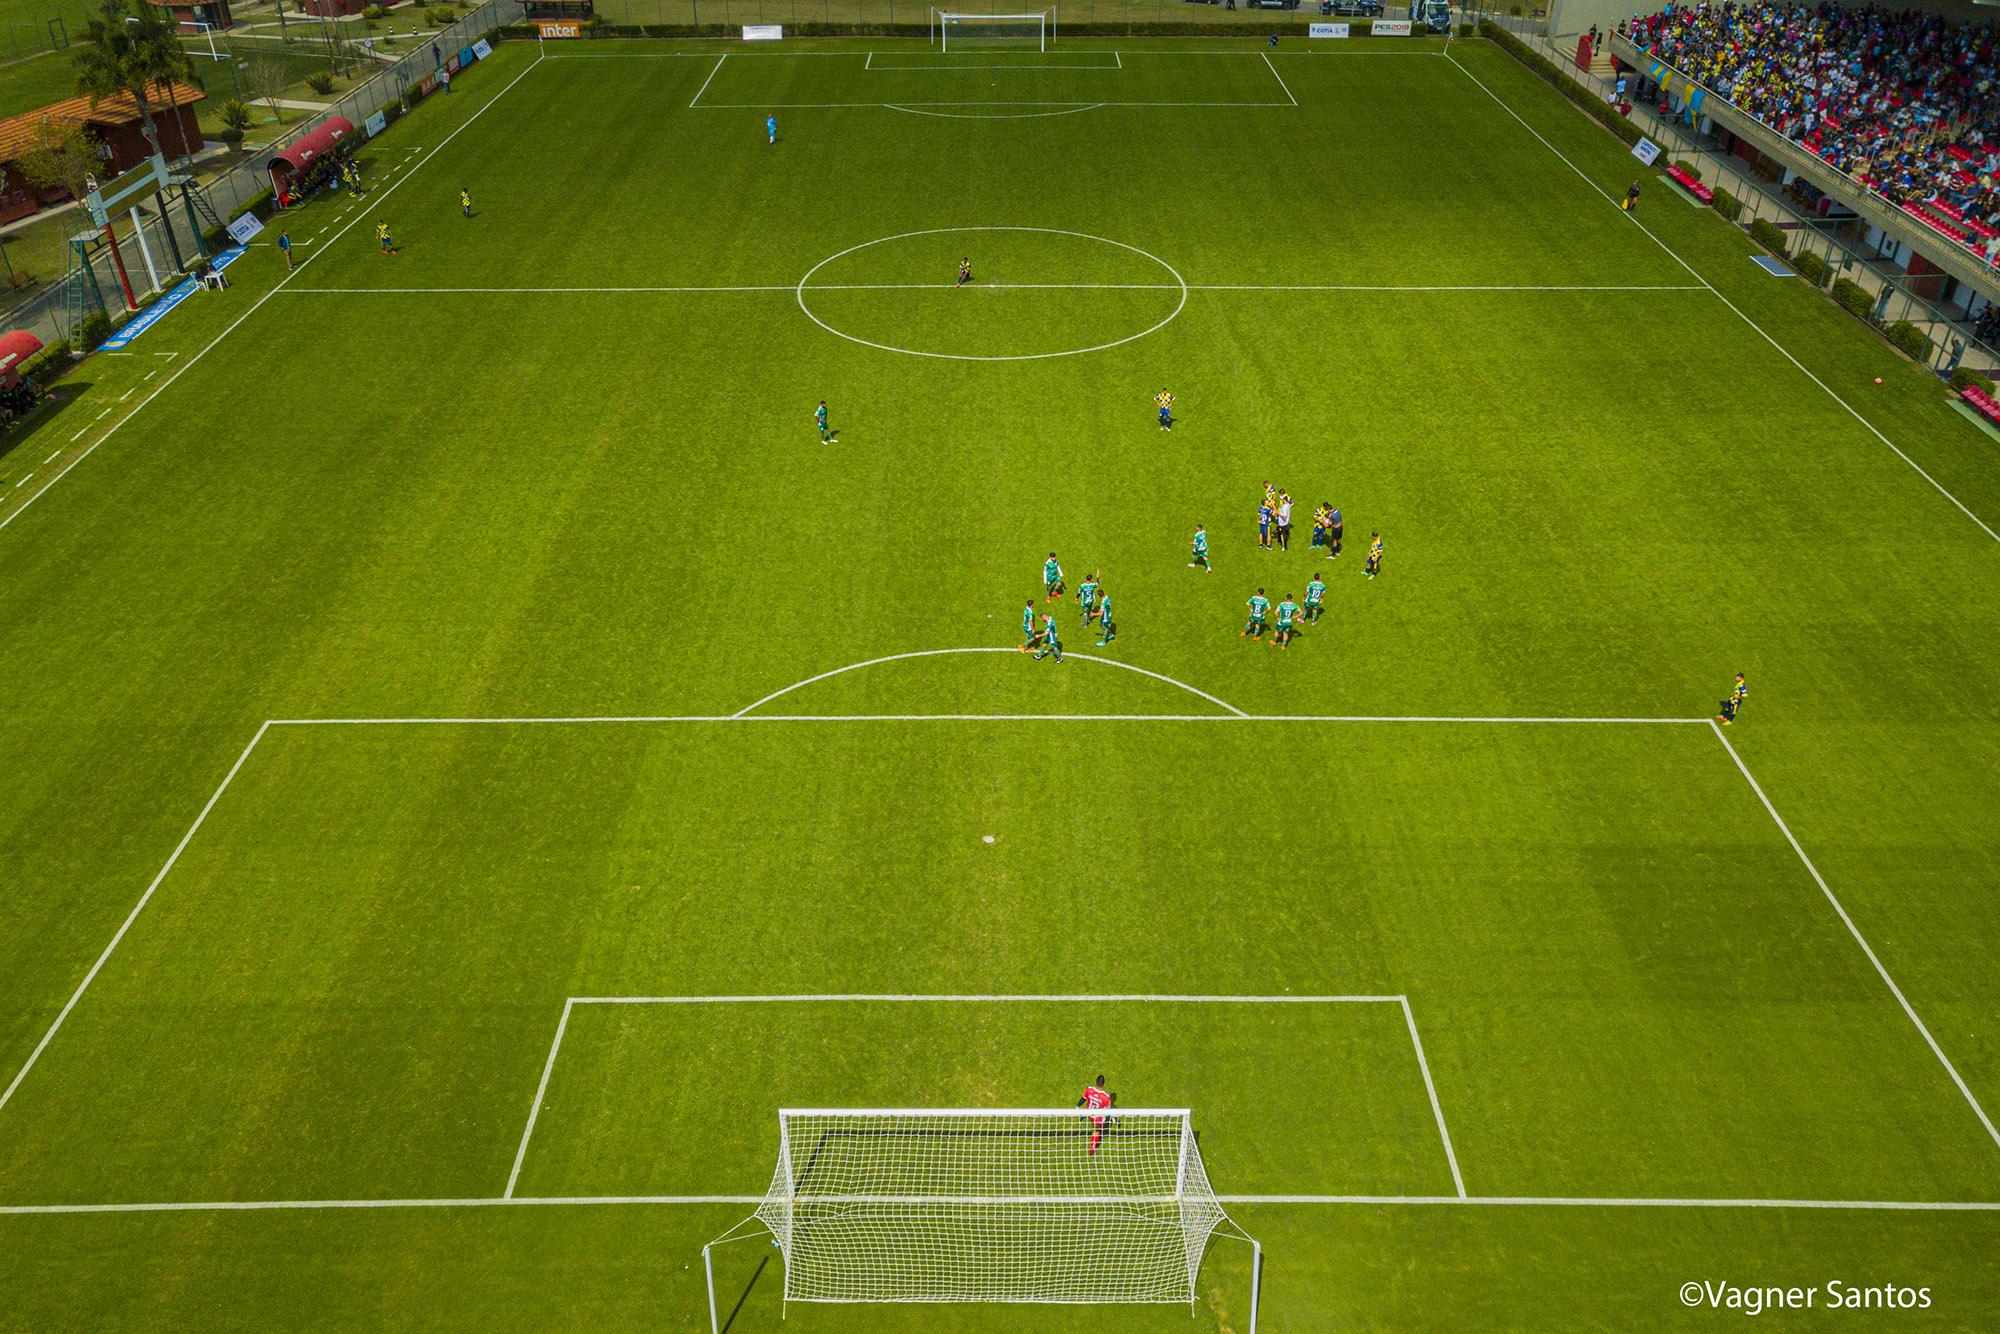 Em jogo marcado para o dia 24, Sabiá e Legionários se enfrentam pelo título do 'Super Master de Futebol'